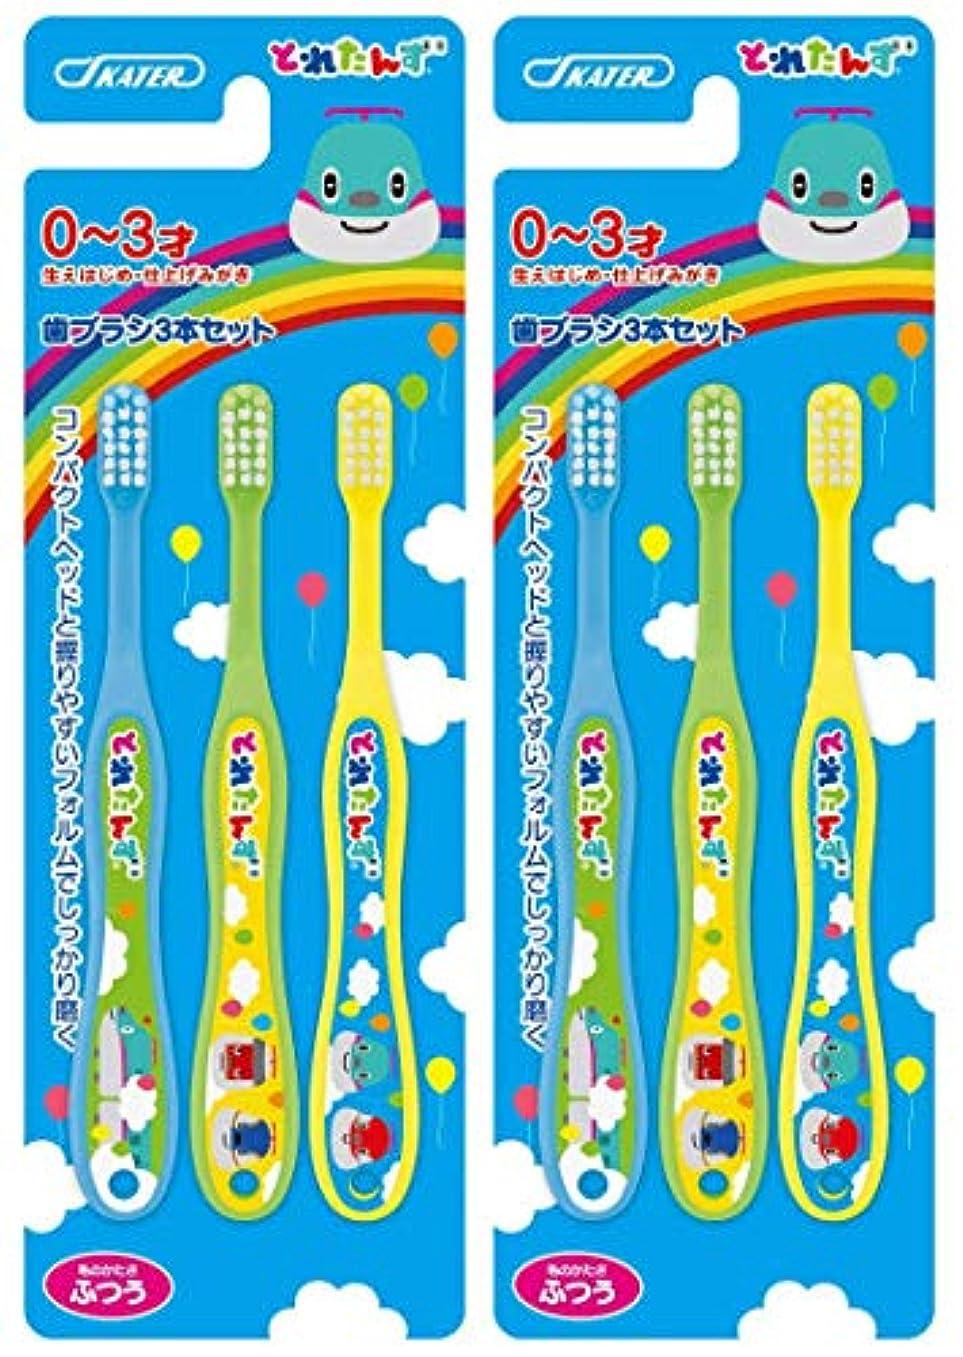 にぎやか幻滅する牧草地スケーター 歯ブラシ 歯ブラシ 幼児期用 0-3才 普通 6本セット (3本セット×2個) とれたんず 15cm TB4T